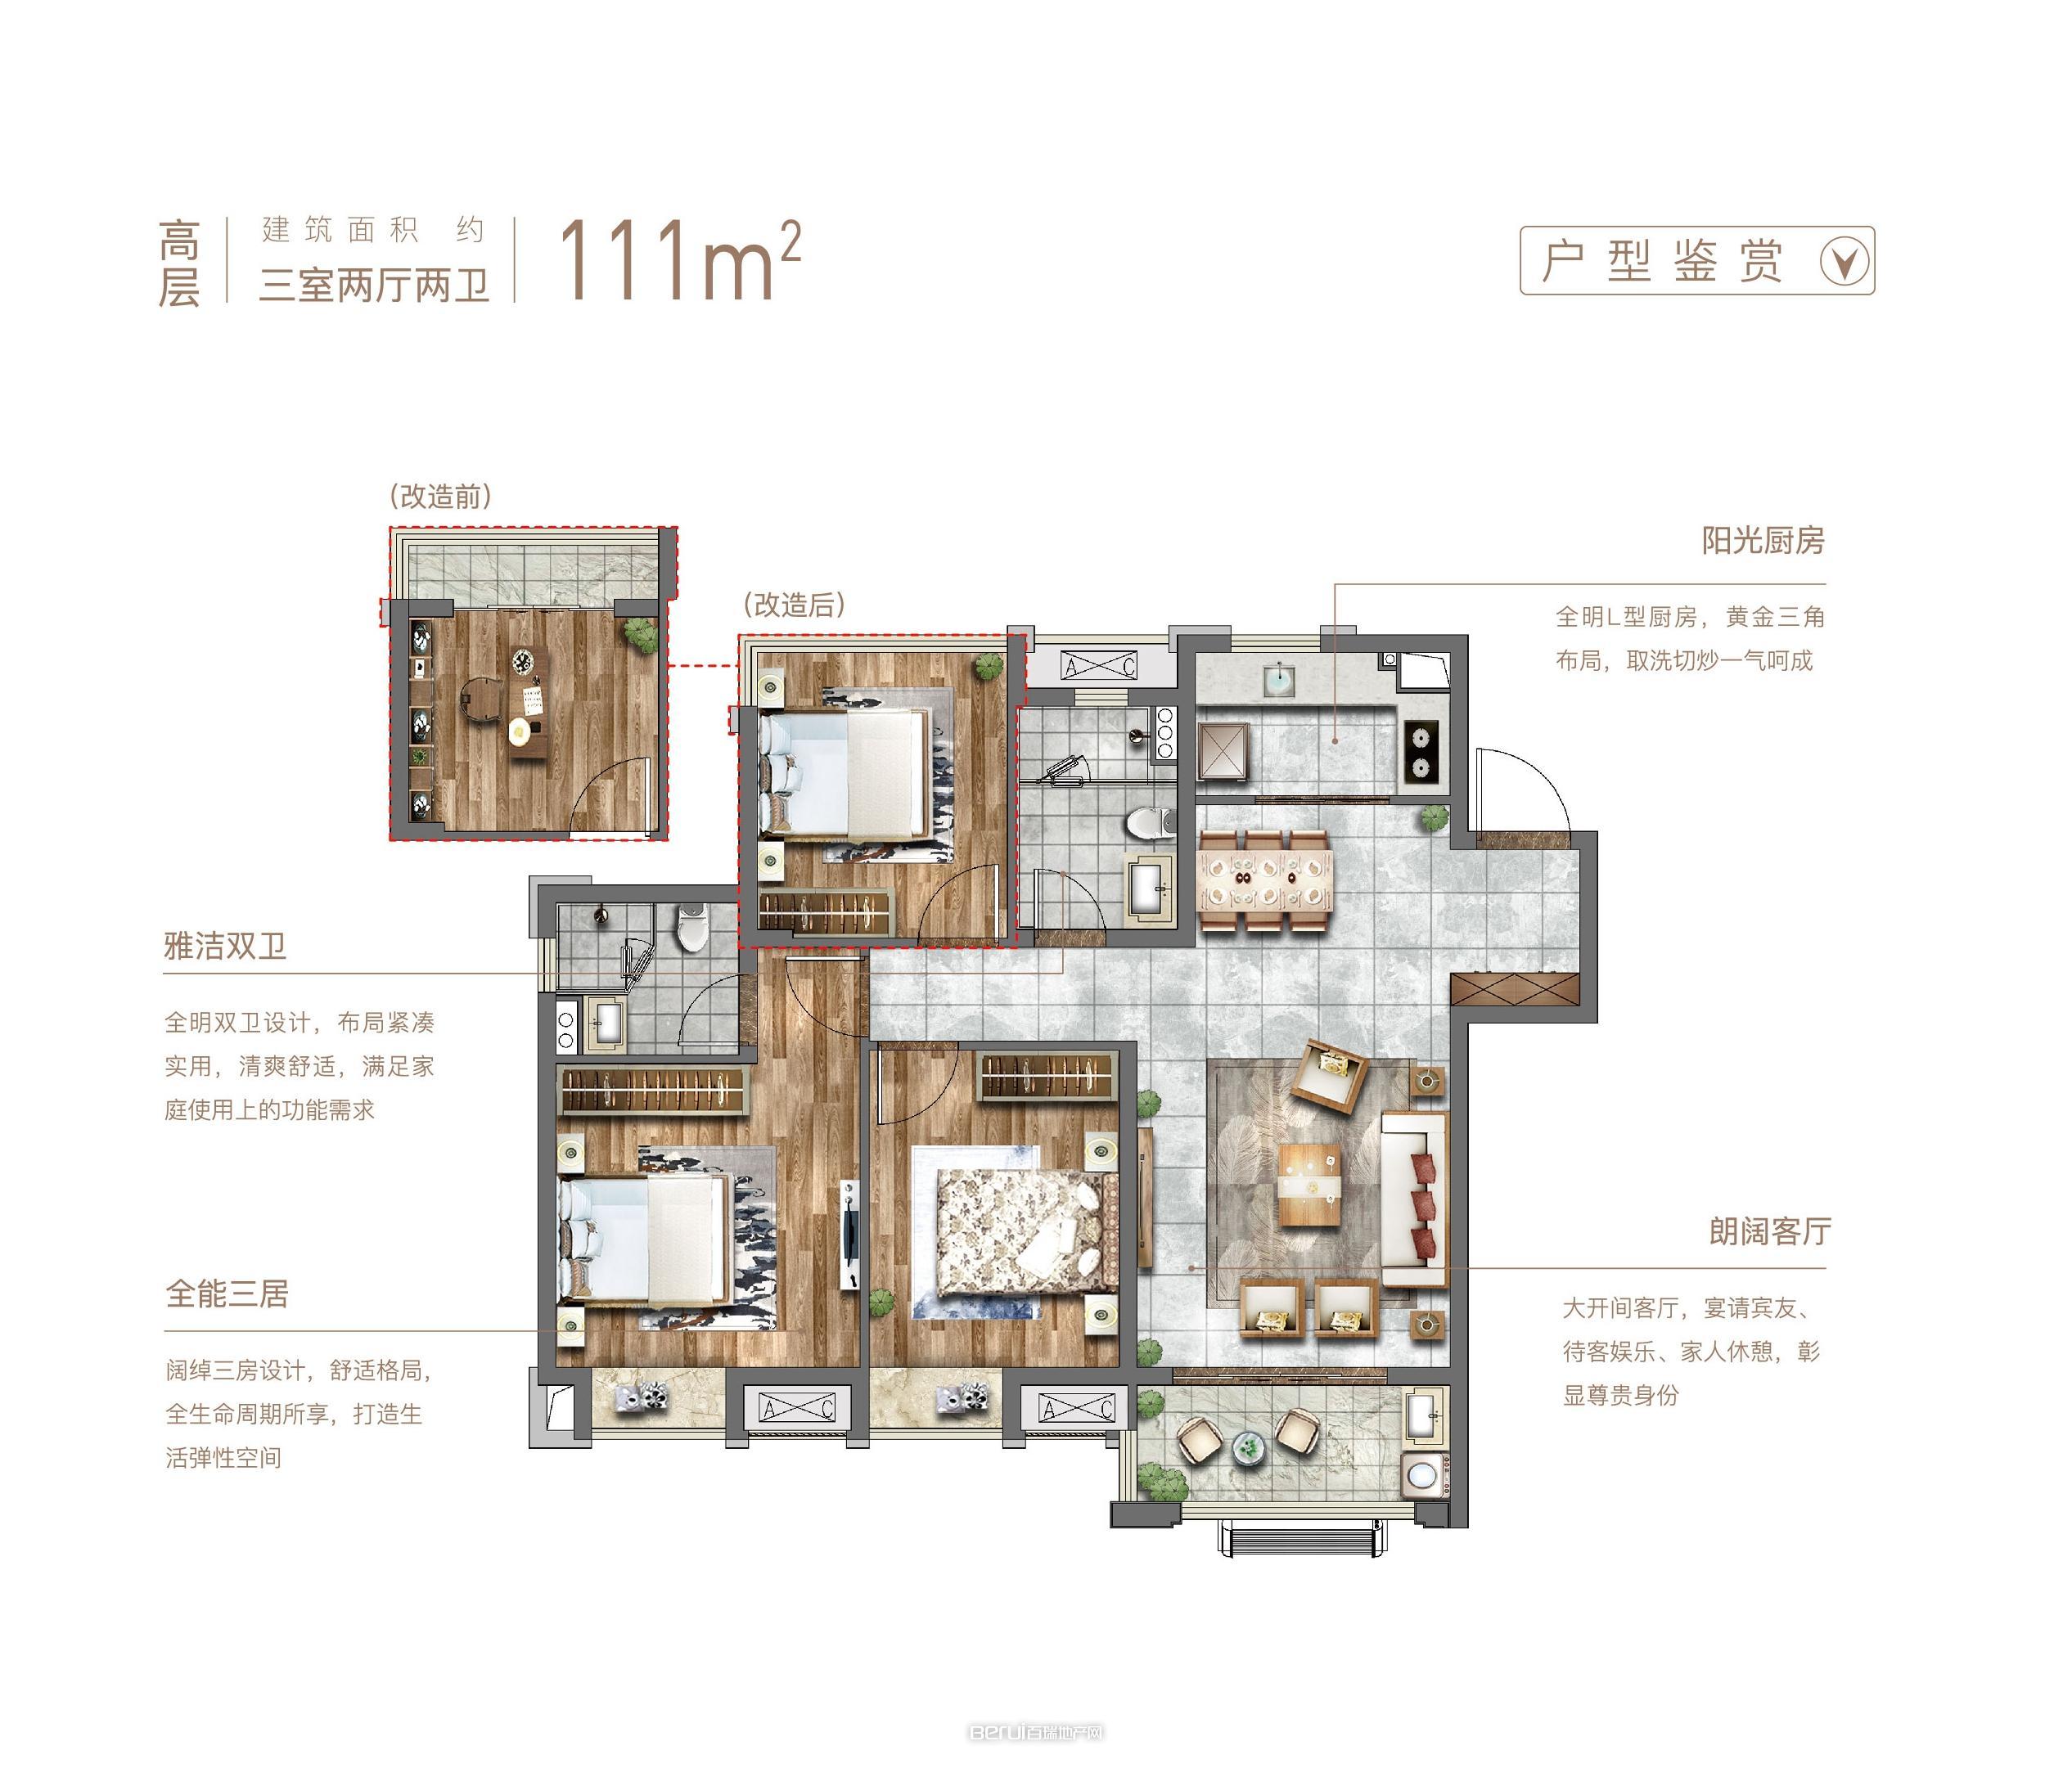 中南樾府 111平 户型